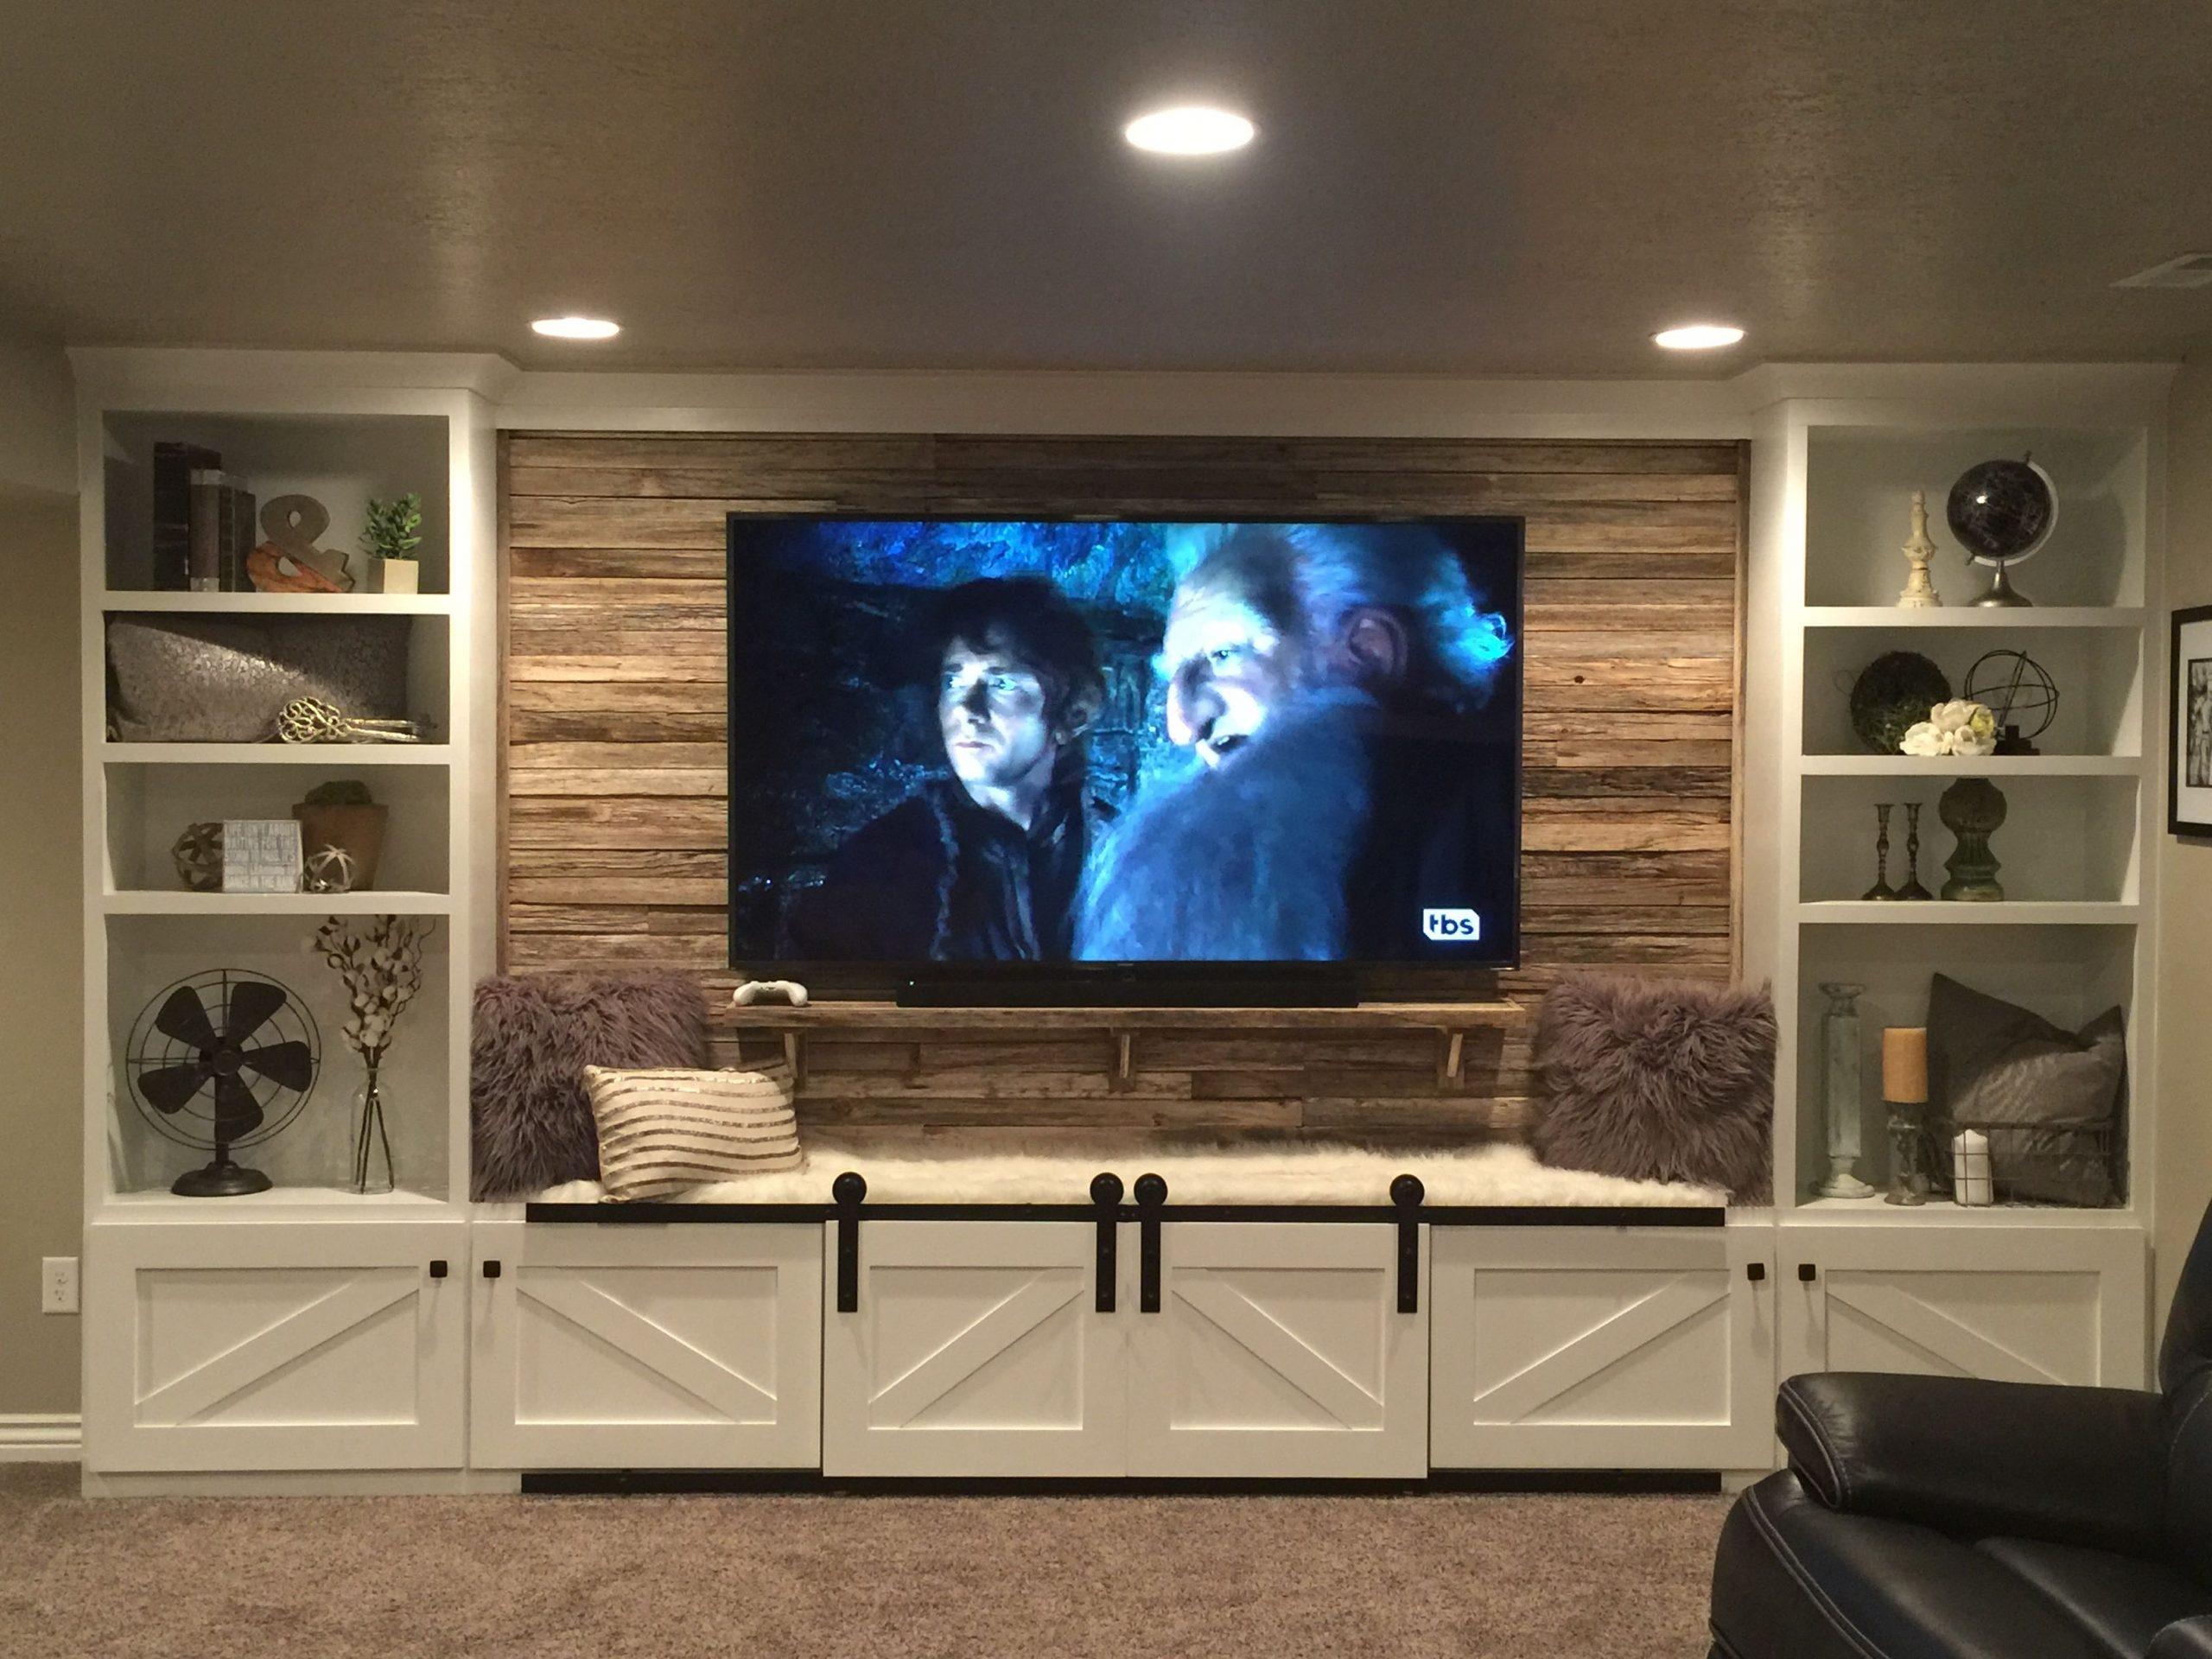 DIY Home Entertainment Center